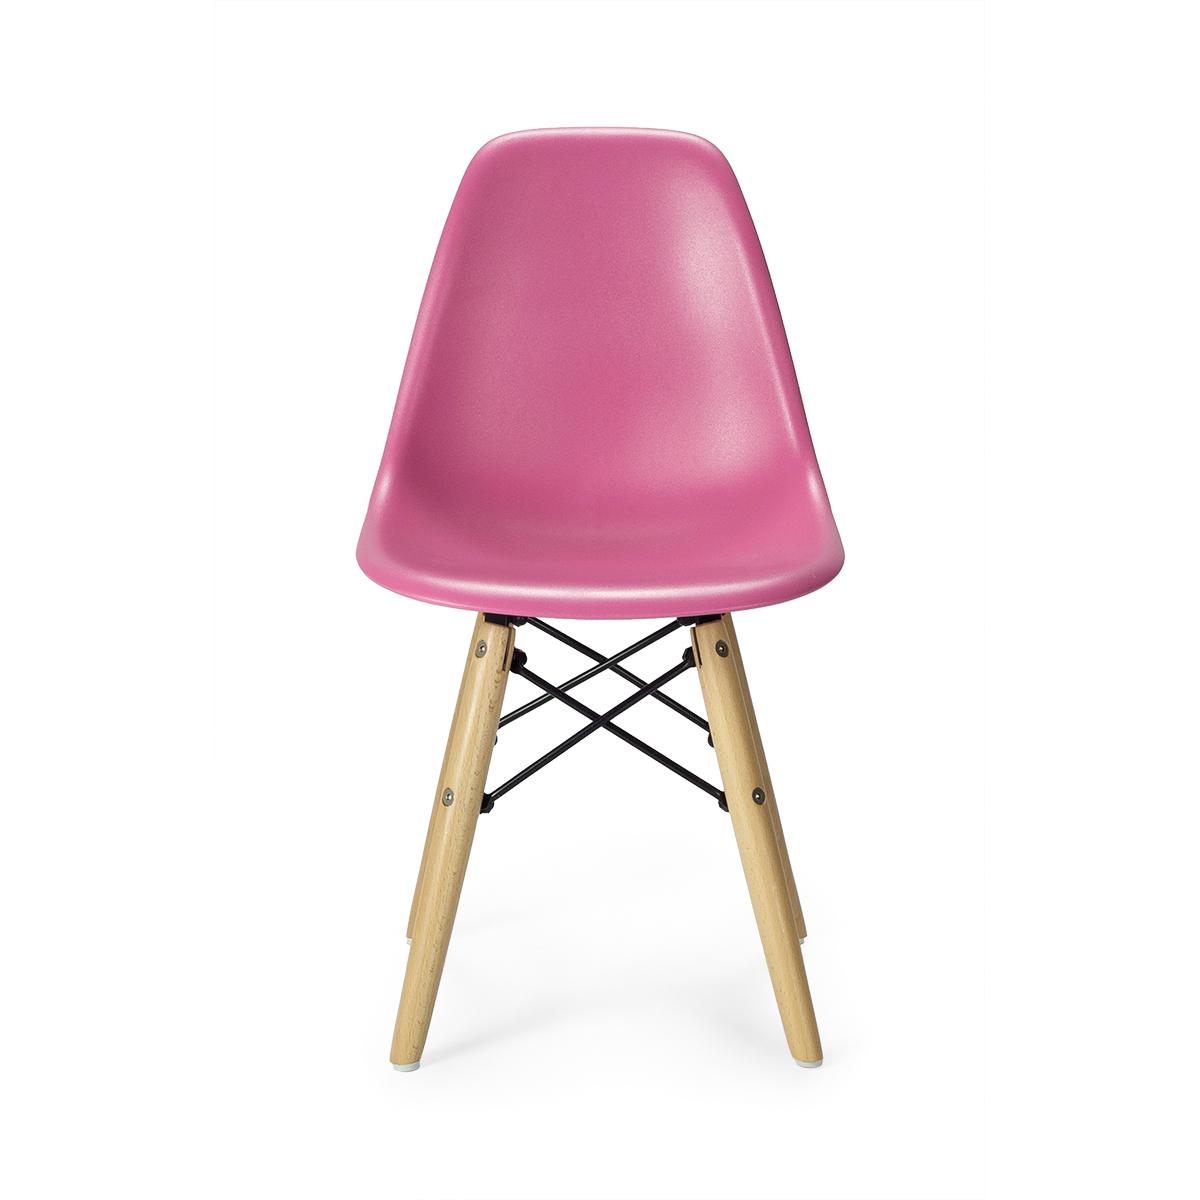 Silla ni os estilo eames rosa mobiliari contract for Medidas sillas ninos